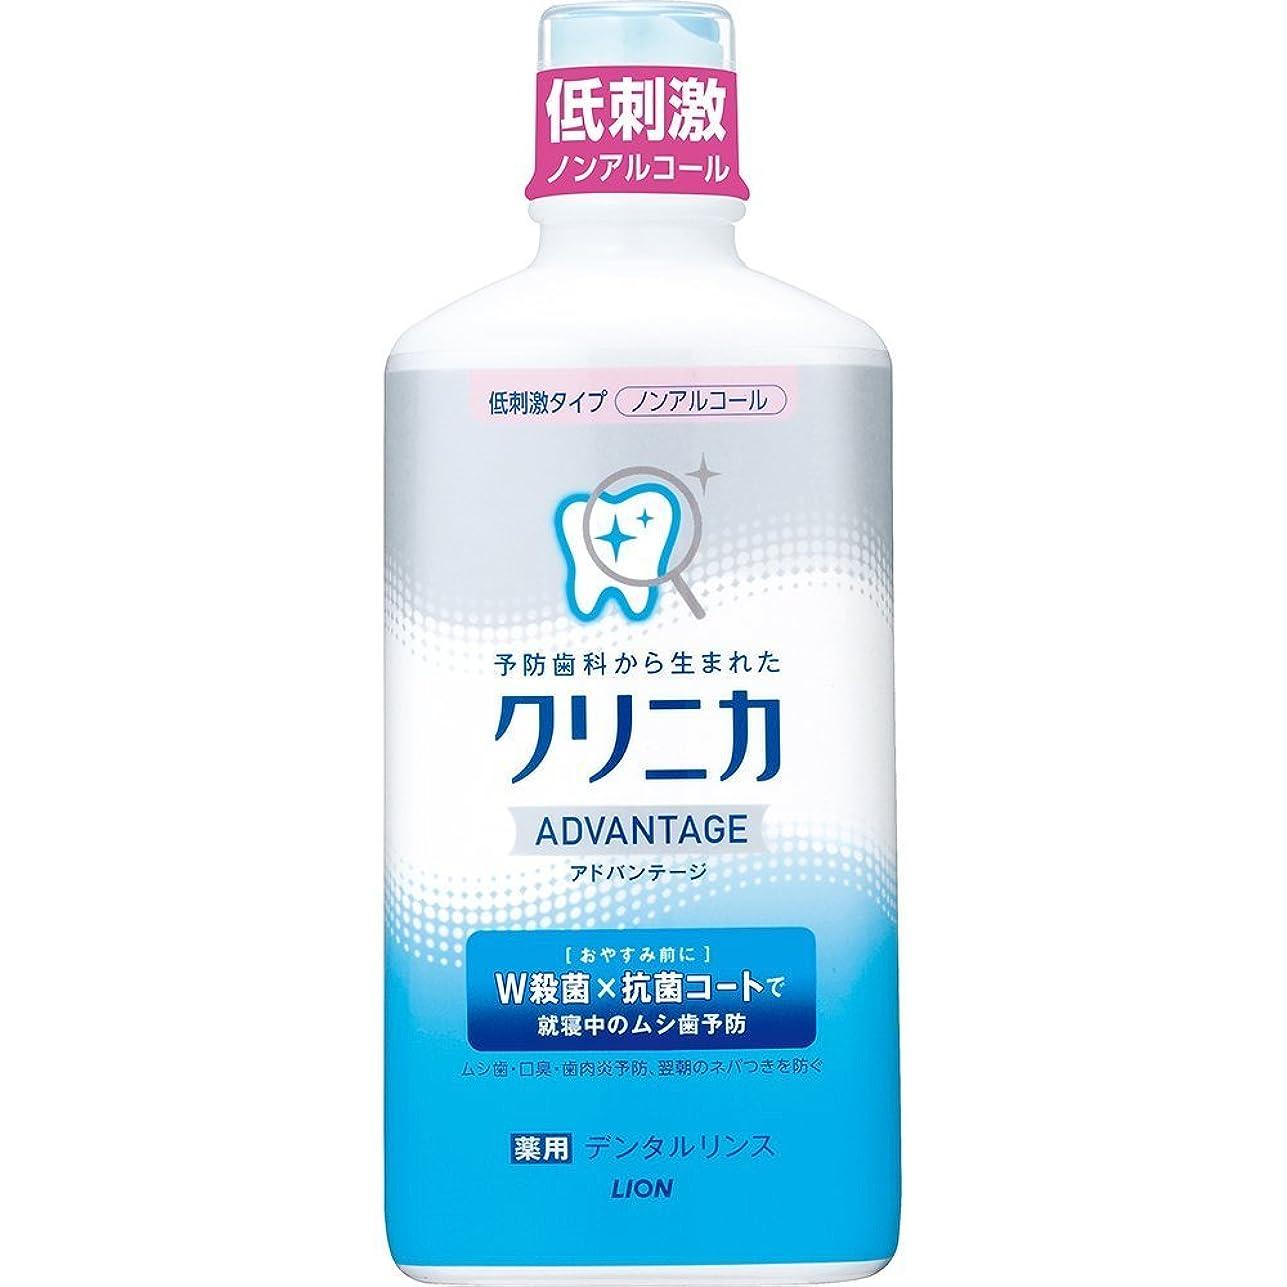 液化するに向けて出発カウントアップクリニカ アドバンテージ 薬用デンタルリンス 低刺激タイプ(ノンアルコール) 450ml ×10個セット